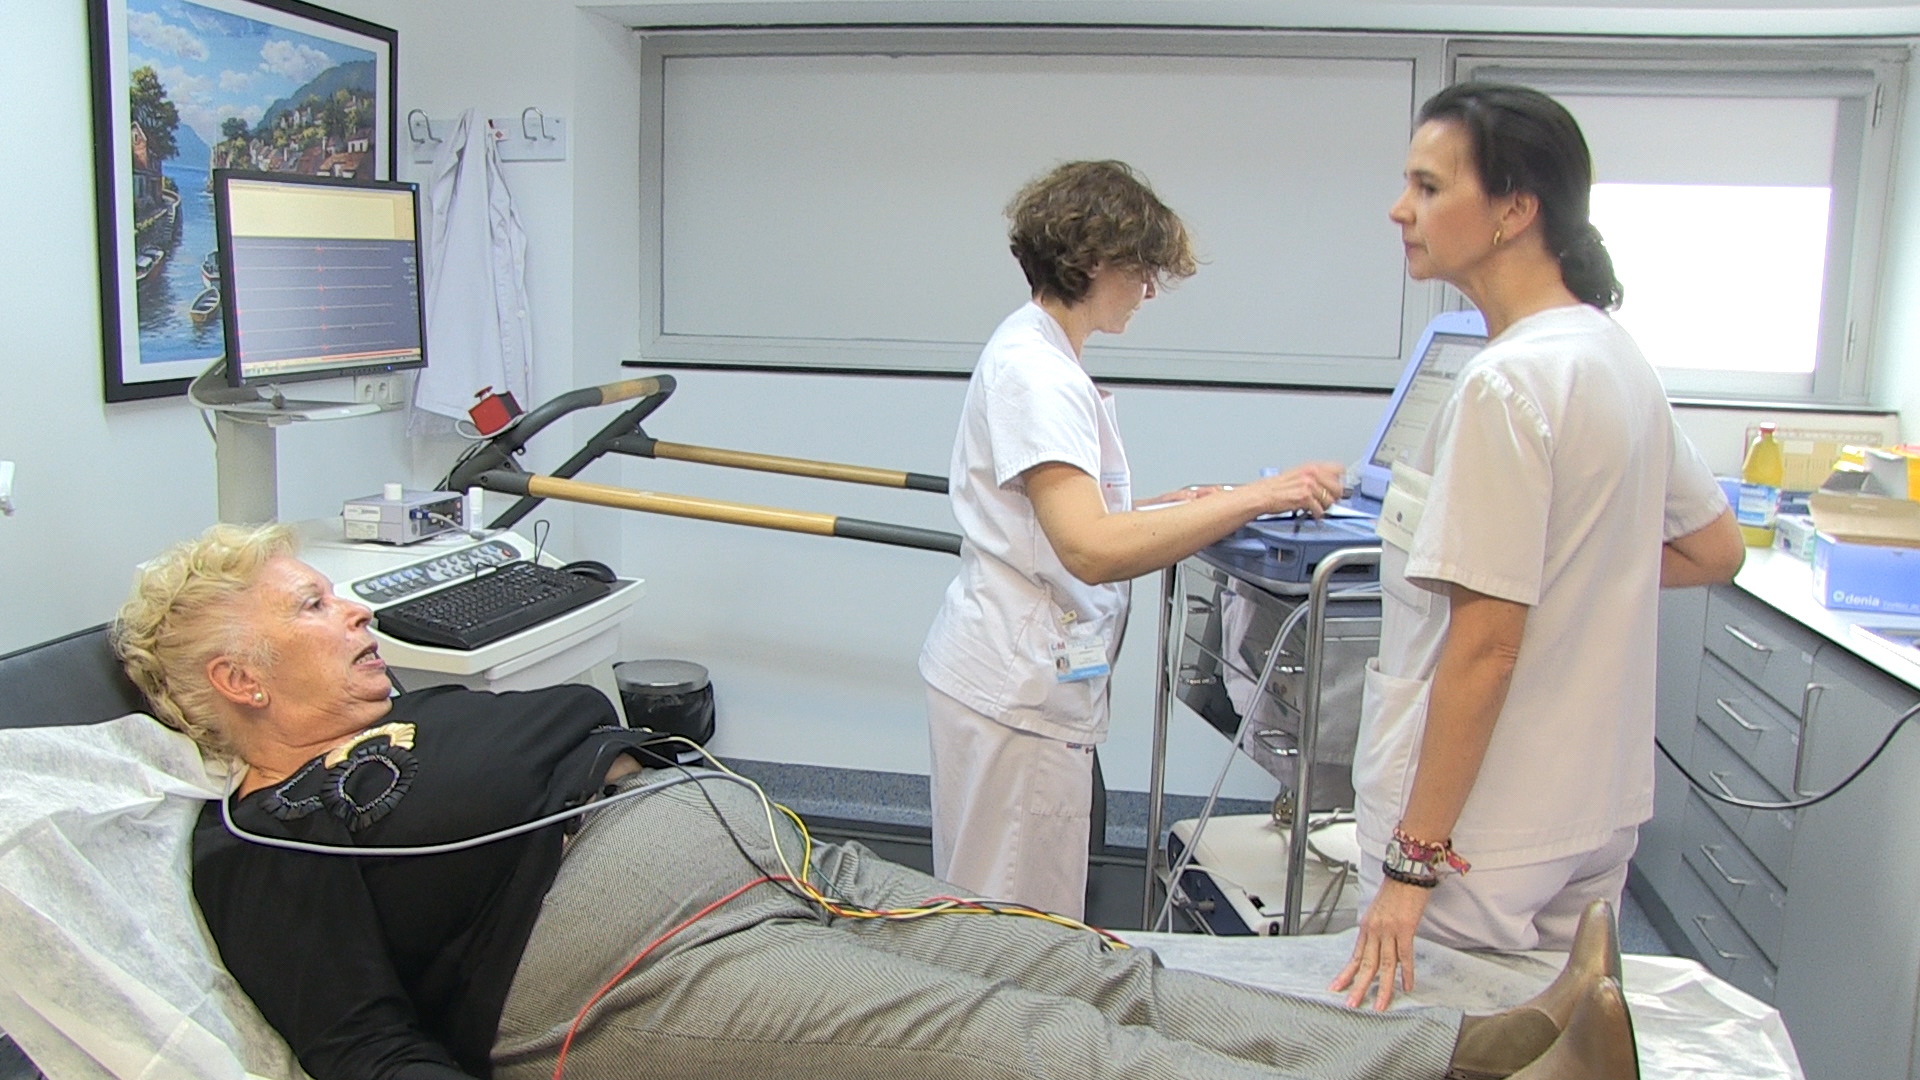 Los médicos de Castilla y León tachan de intrusismo la gestión enfermera de las urgencias en AP